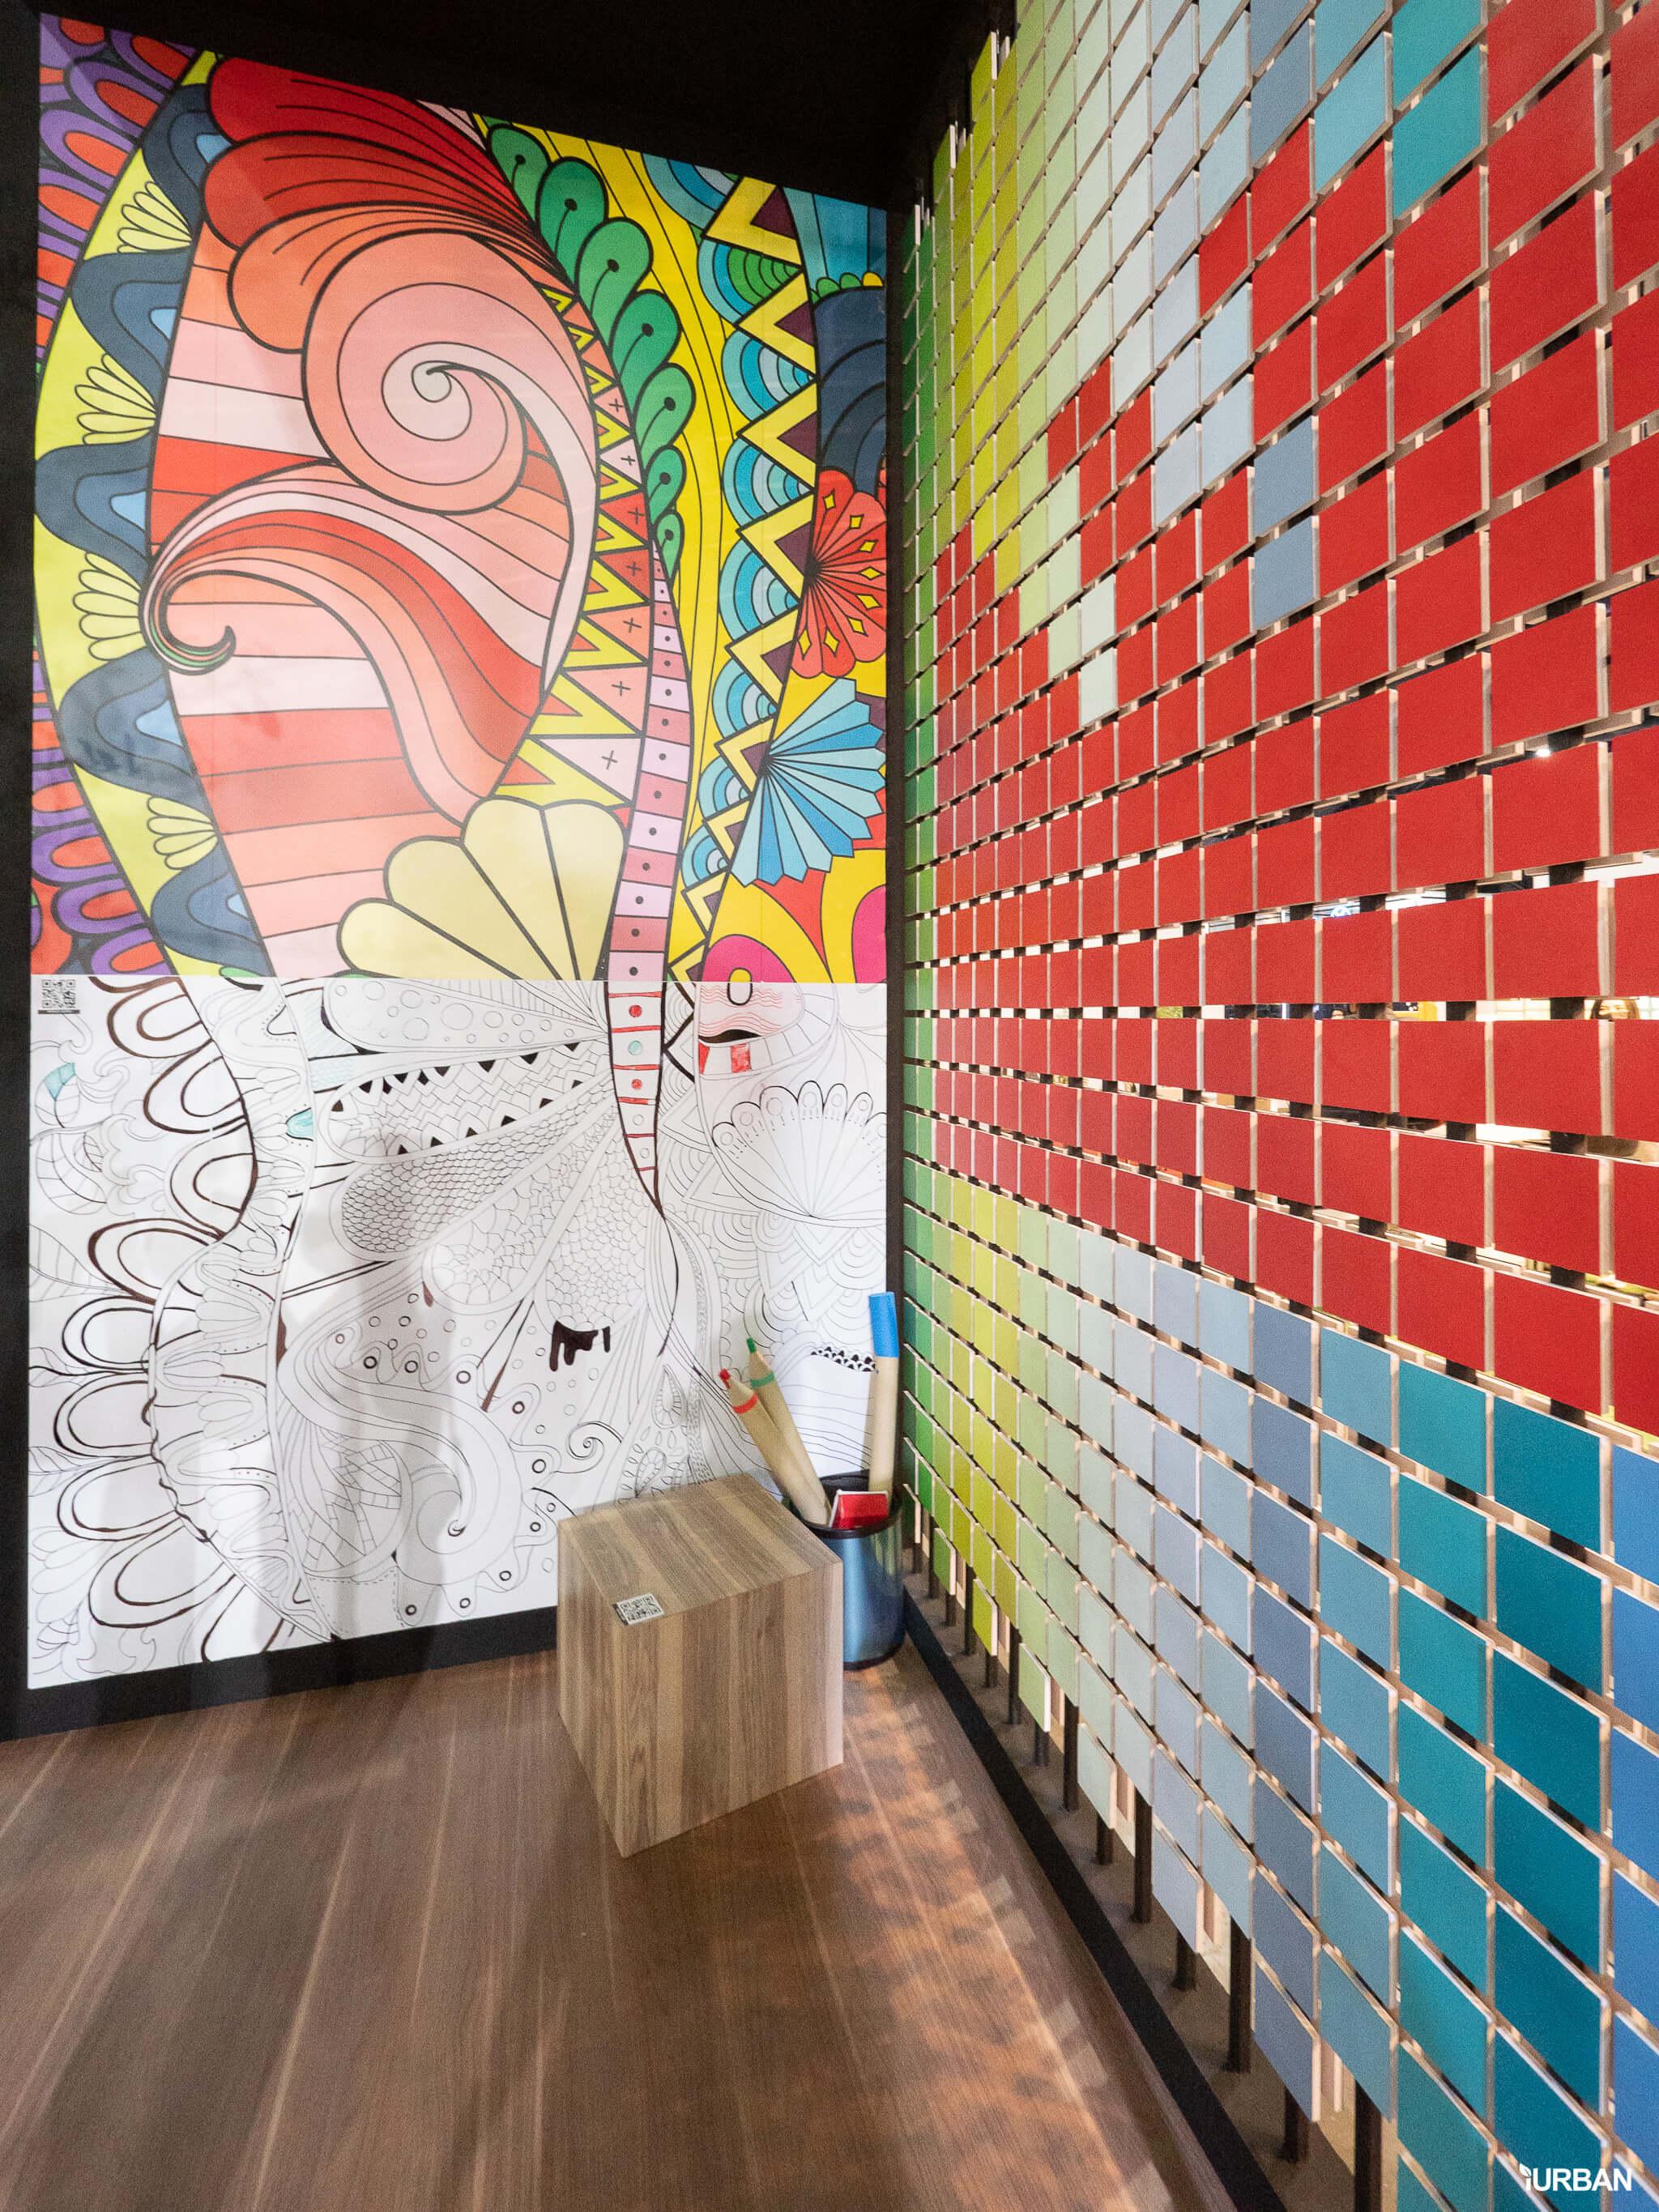 36 นวัตกรรมสถาปัตย์จากงาน ACT FORUM '20 Design + Built อย่าทำบ้านแบบเก่าๆ เดี๋ยวนี้เขาไปถึงไหนแล้ว 57 - ACT Forum